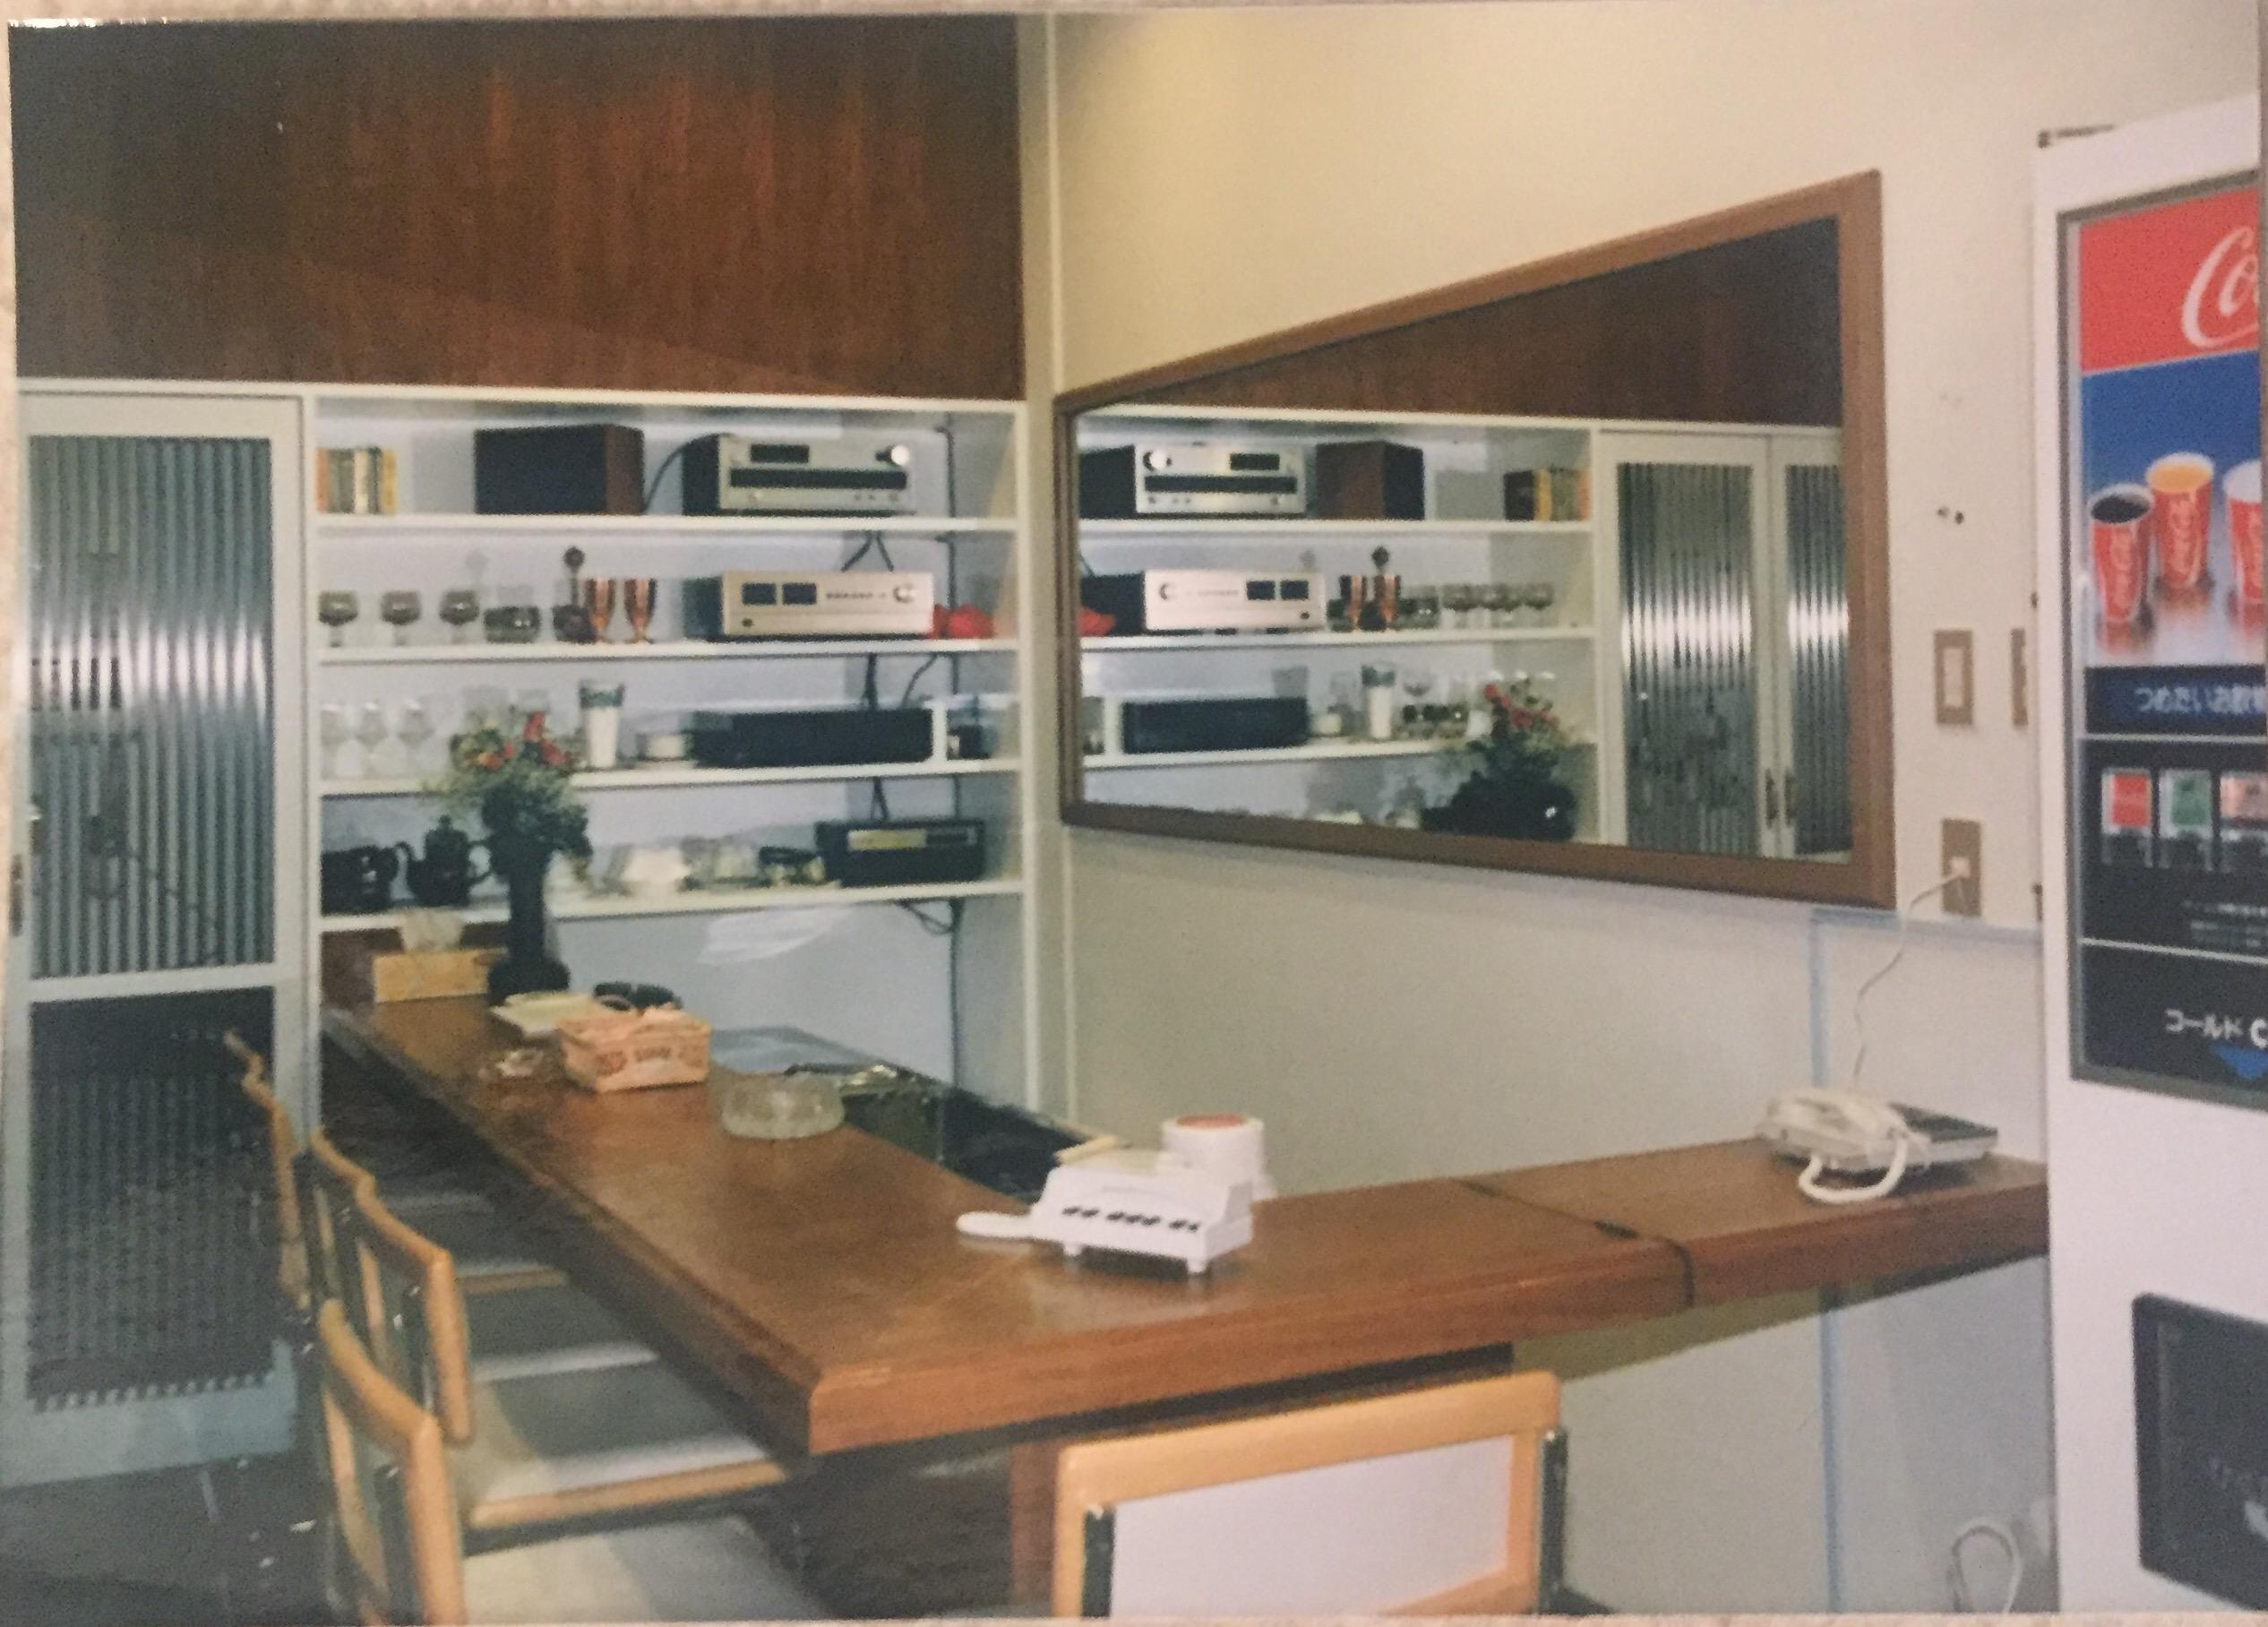 当時の休憩室メシアンの様子。今とはキッチンの配置も違いますね。自動販売機もありました。